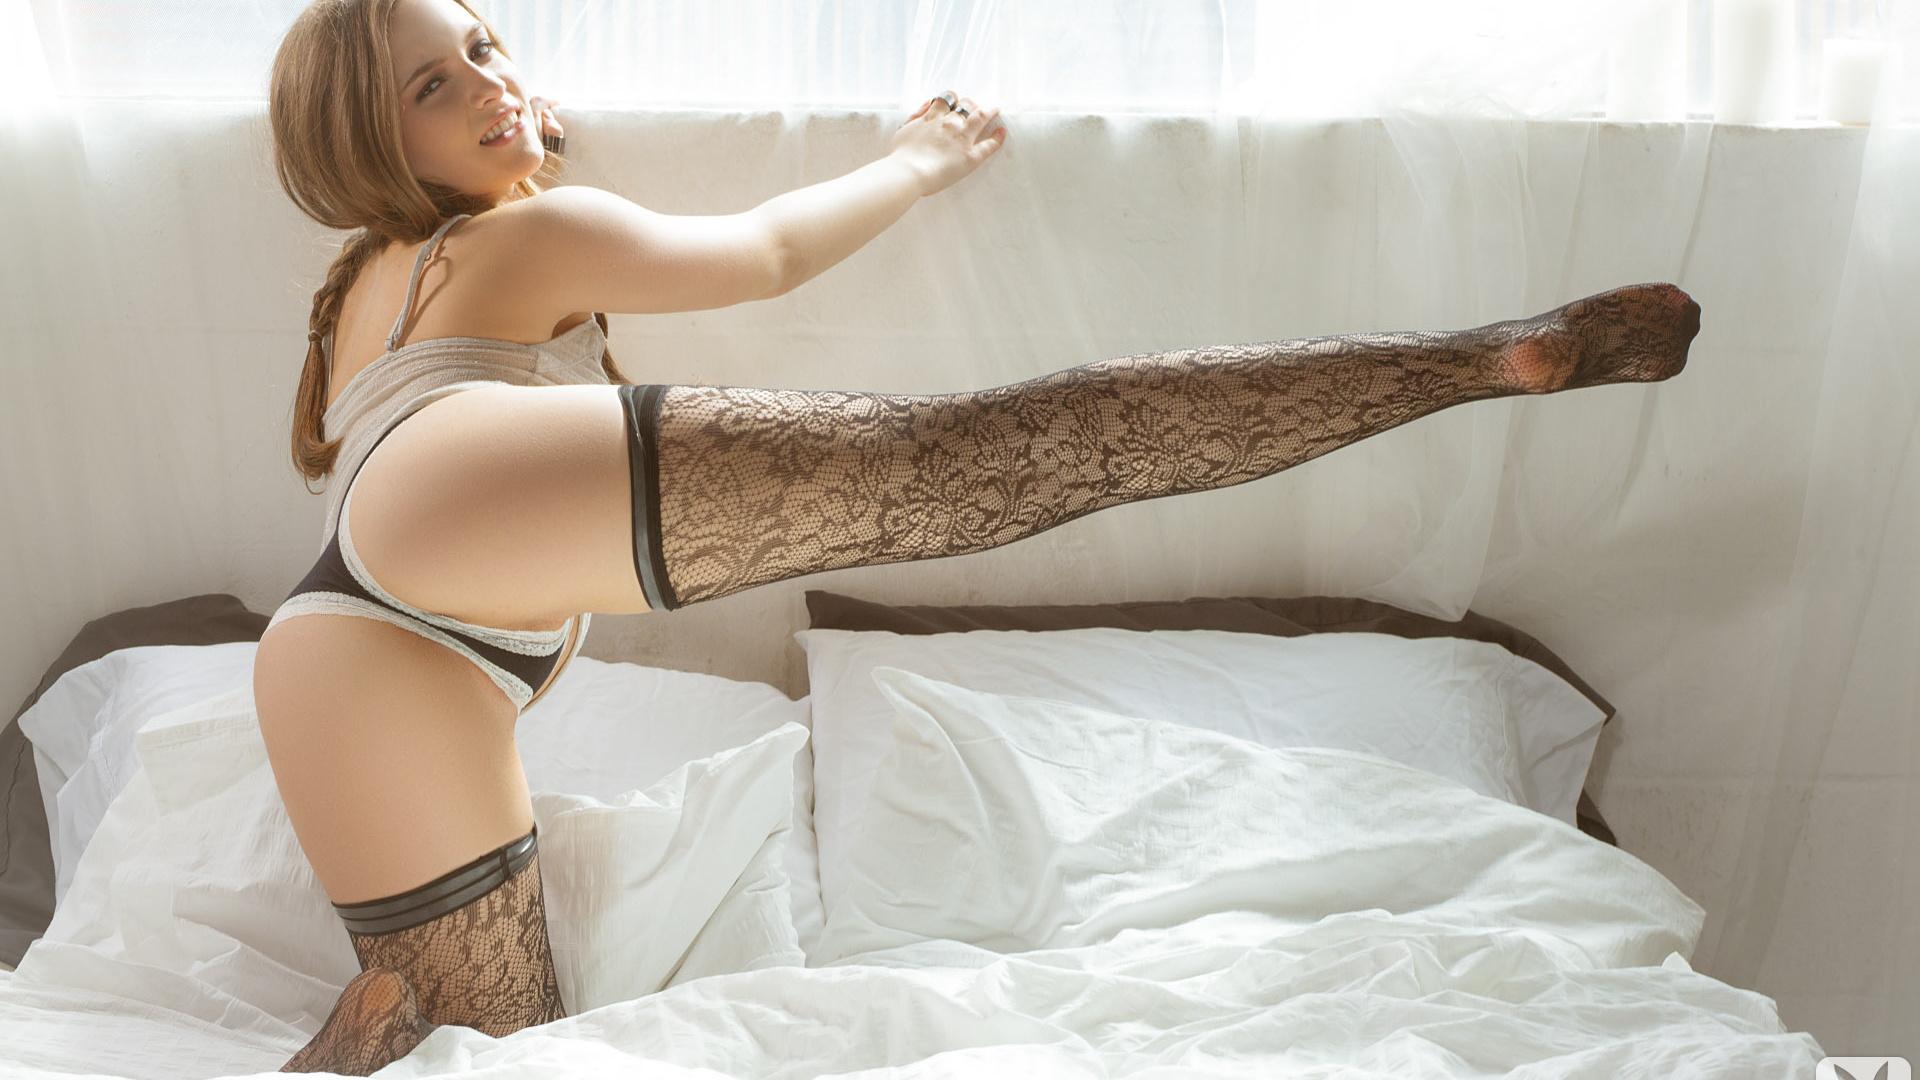 Гибкая девушка в постели, дилдо огромное анал групповуха порно видео смотреть